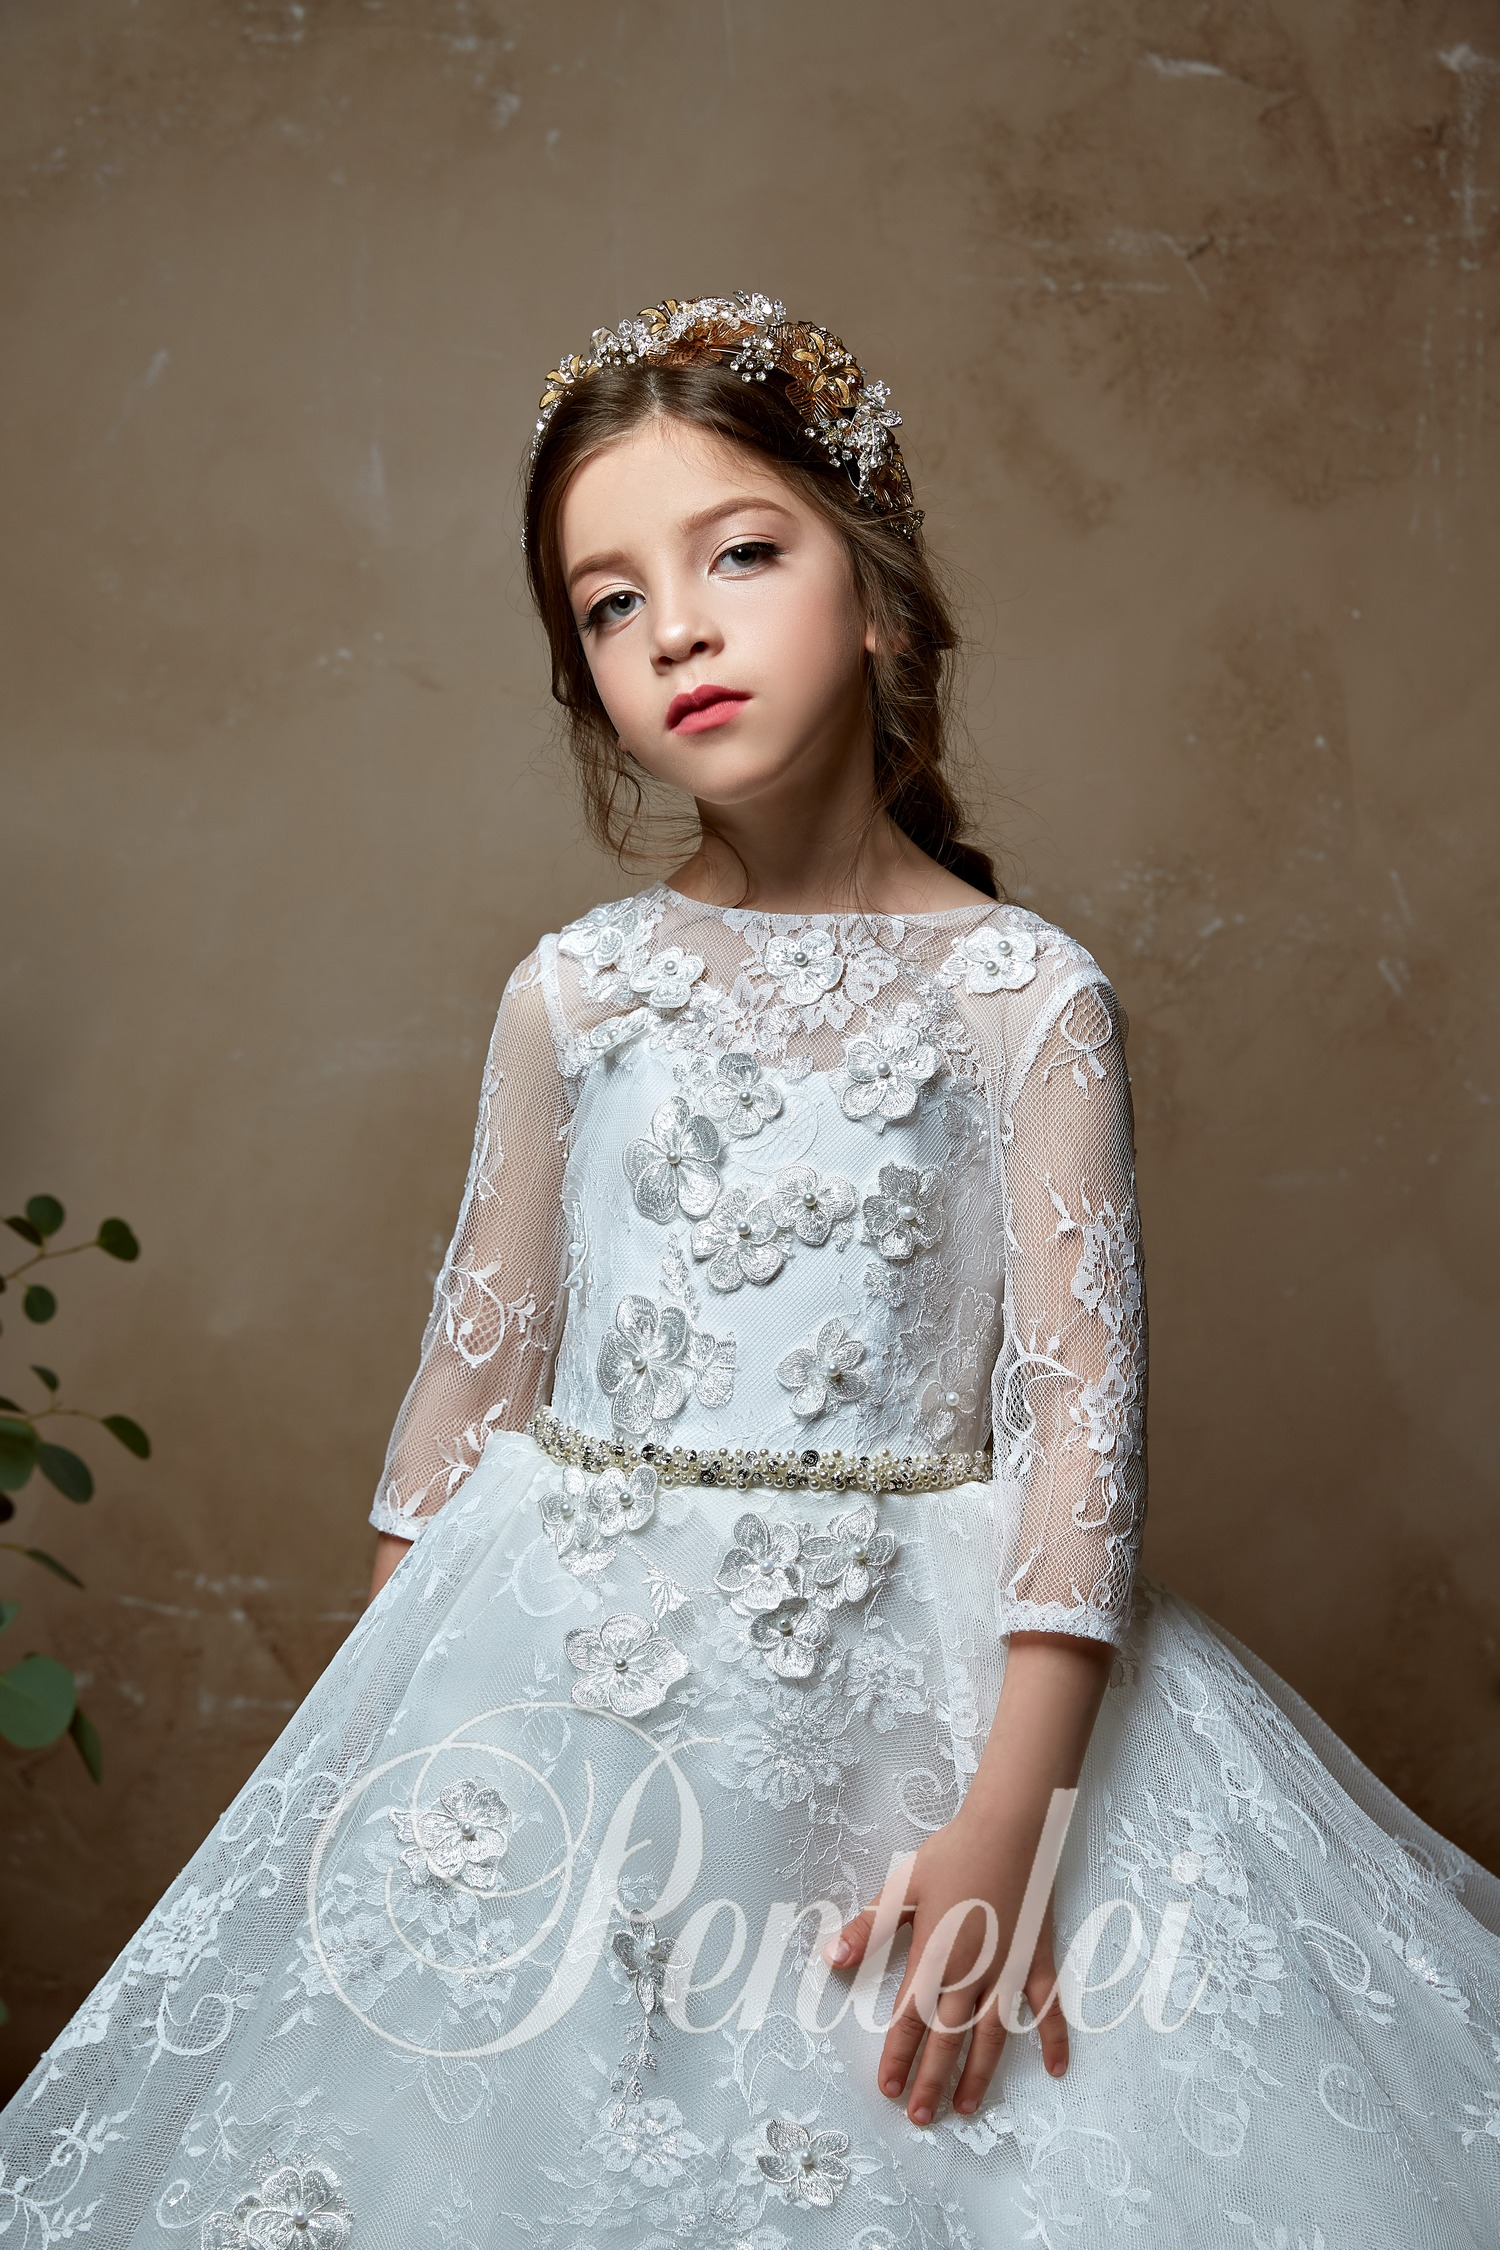 Дитяча святкова сукня